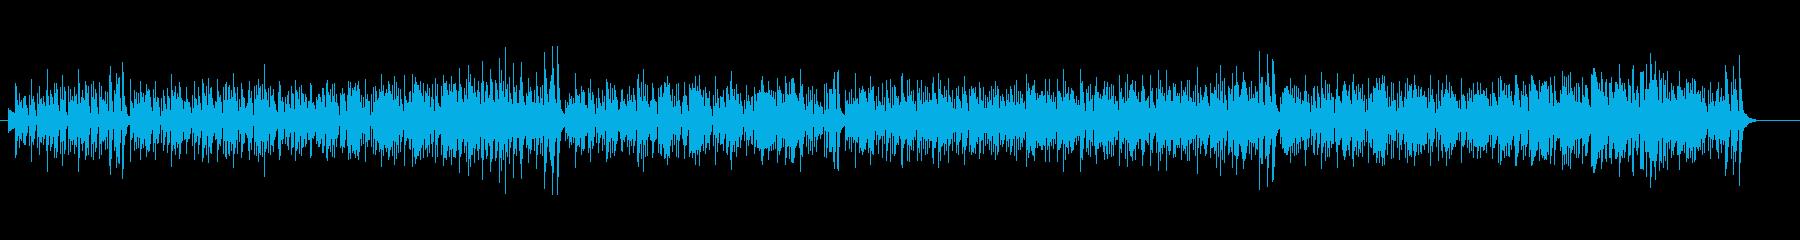 エレガントなボサノヴァ風の再生済みの波形